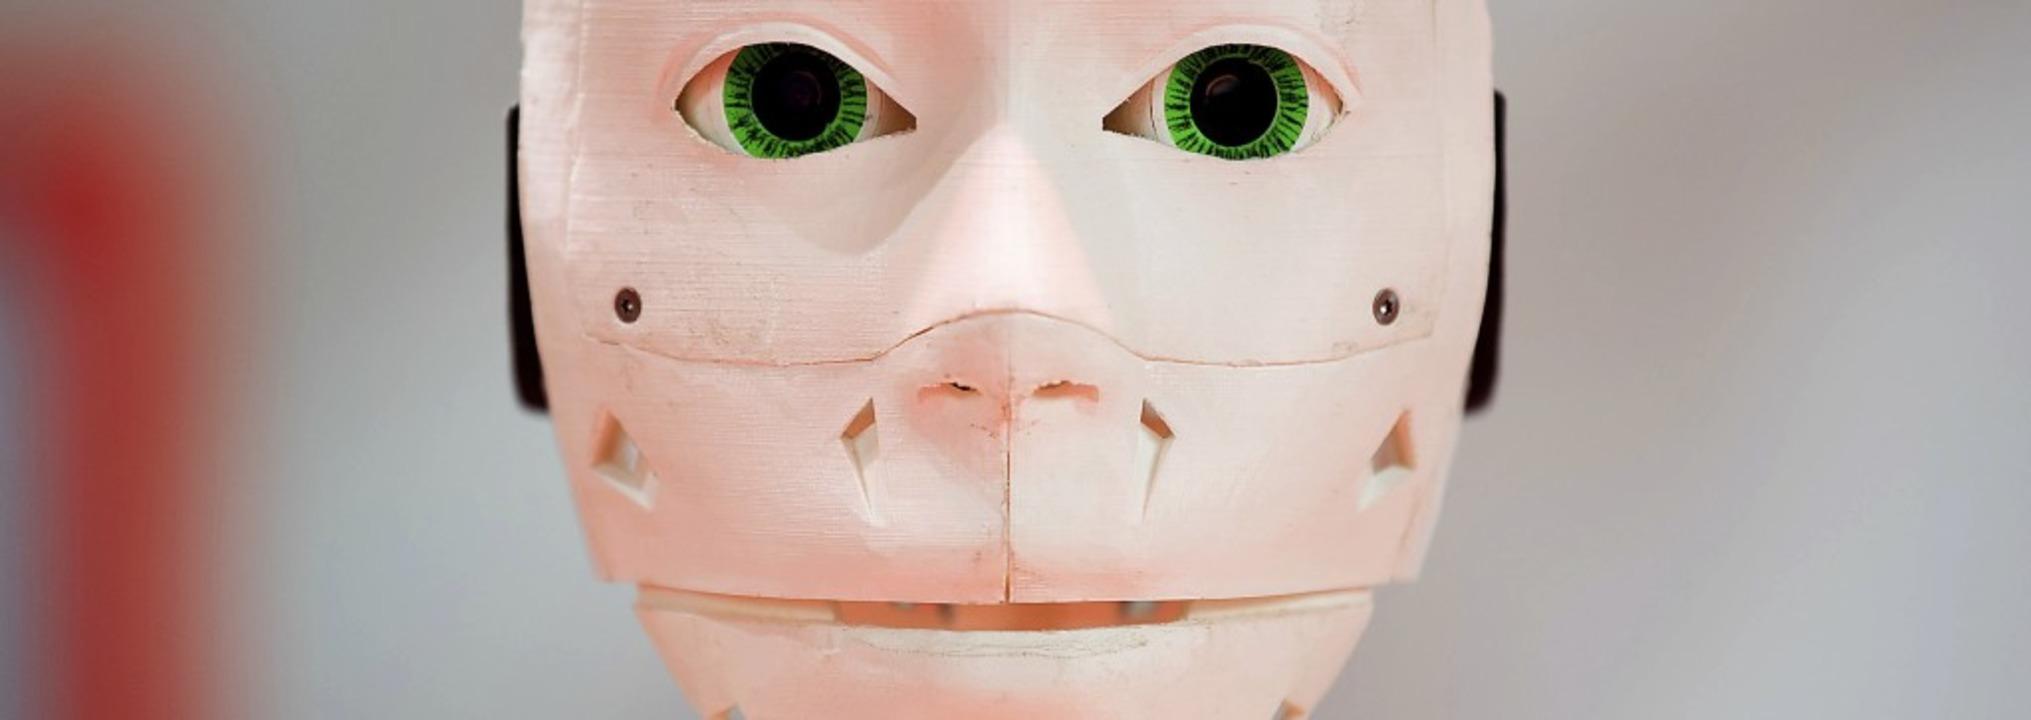 Ein Robotergesicht, das mit einem 3-D-...chnik gilt als viel zukunftsträchtig.     Foto: DPA